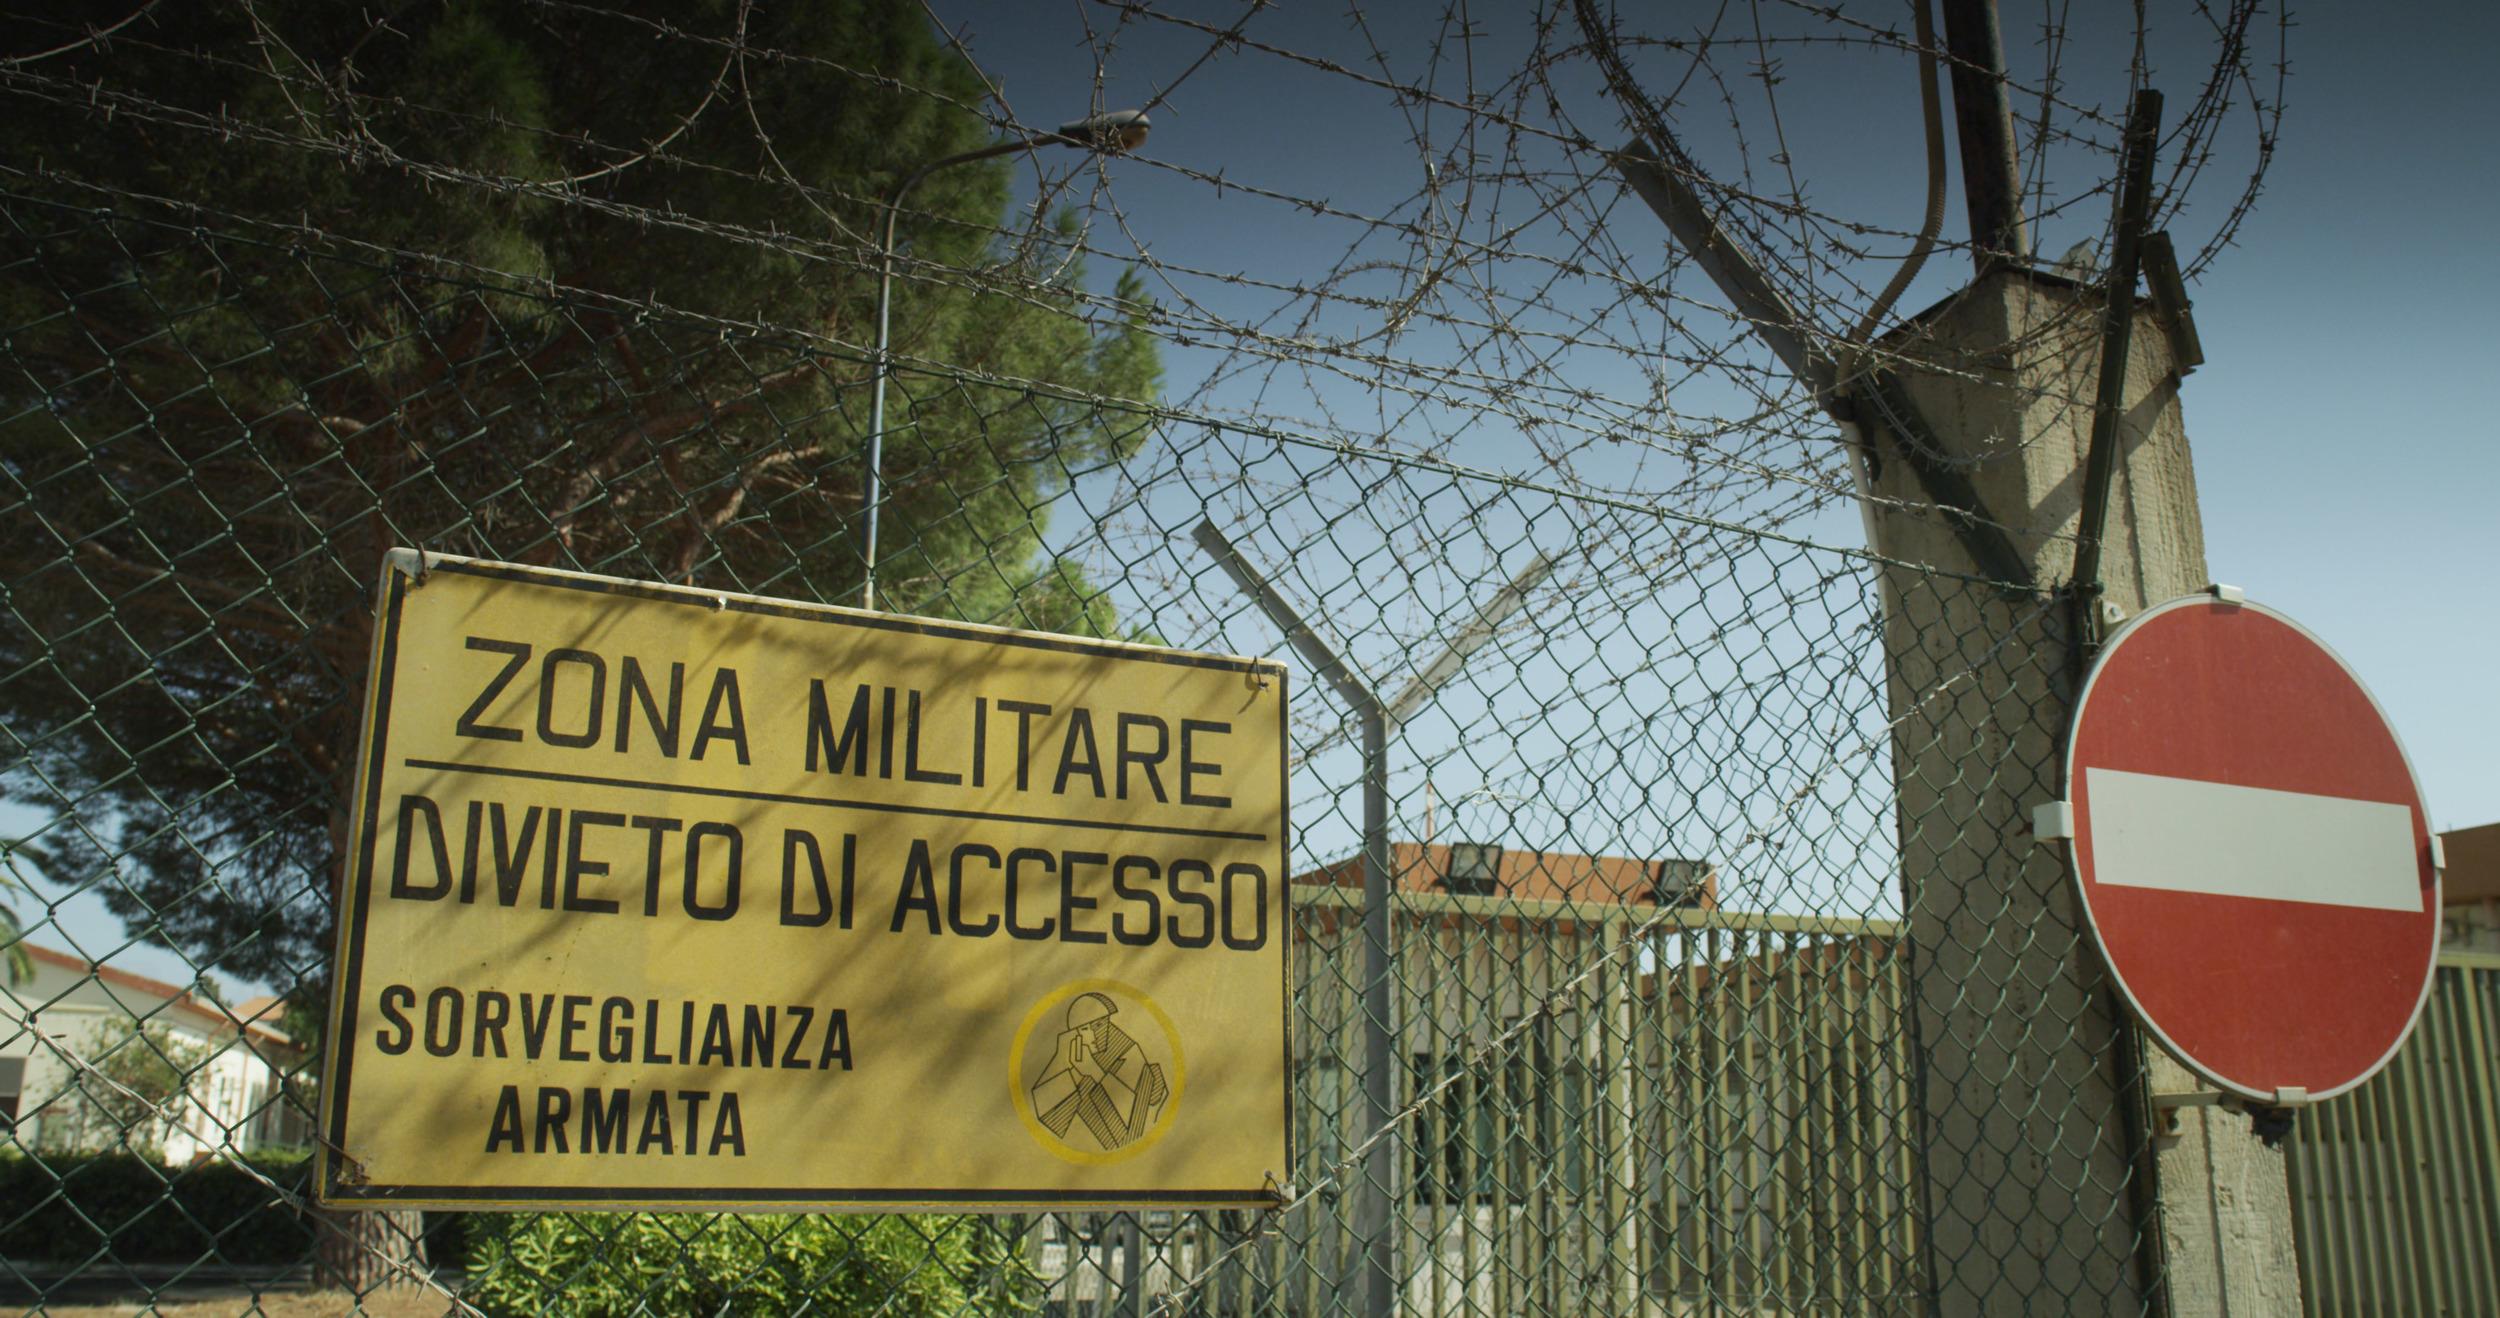 Zona Militare.jpg